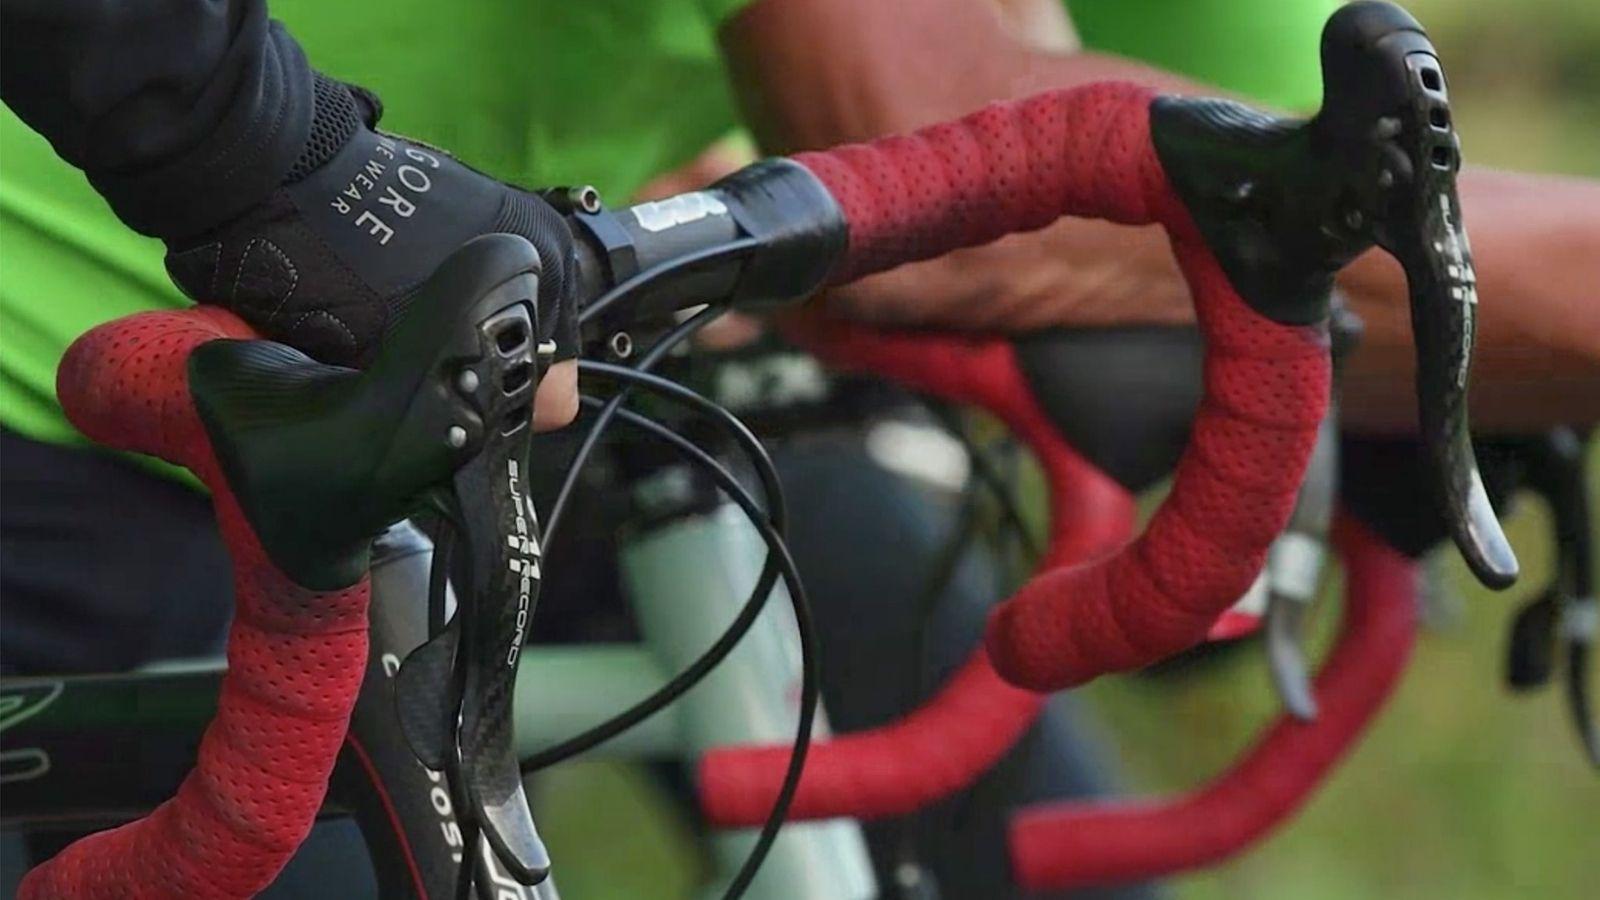 Godoit è una società milanese che propone team building in sella a una bicicletta